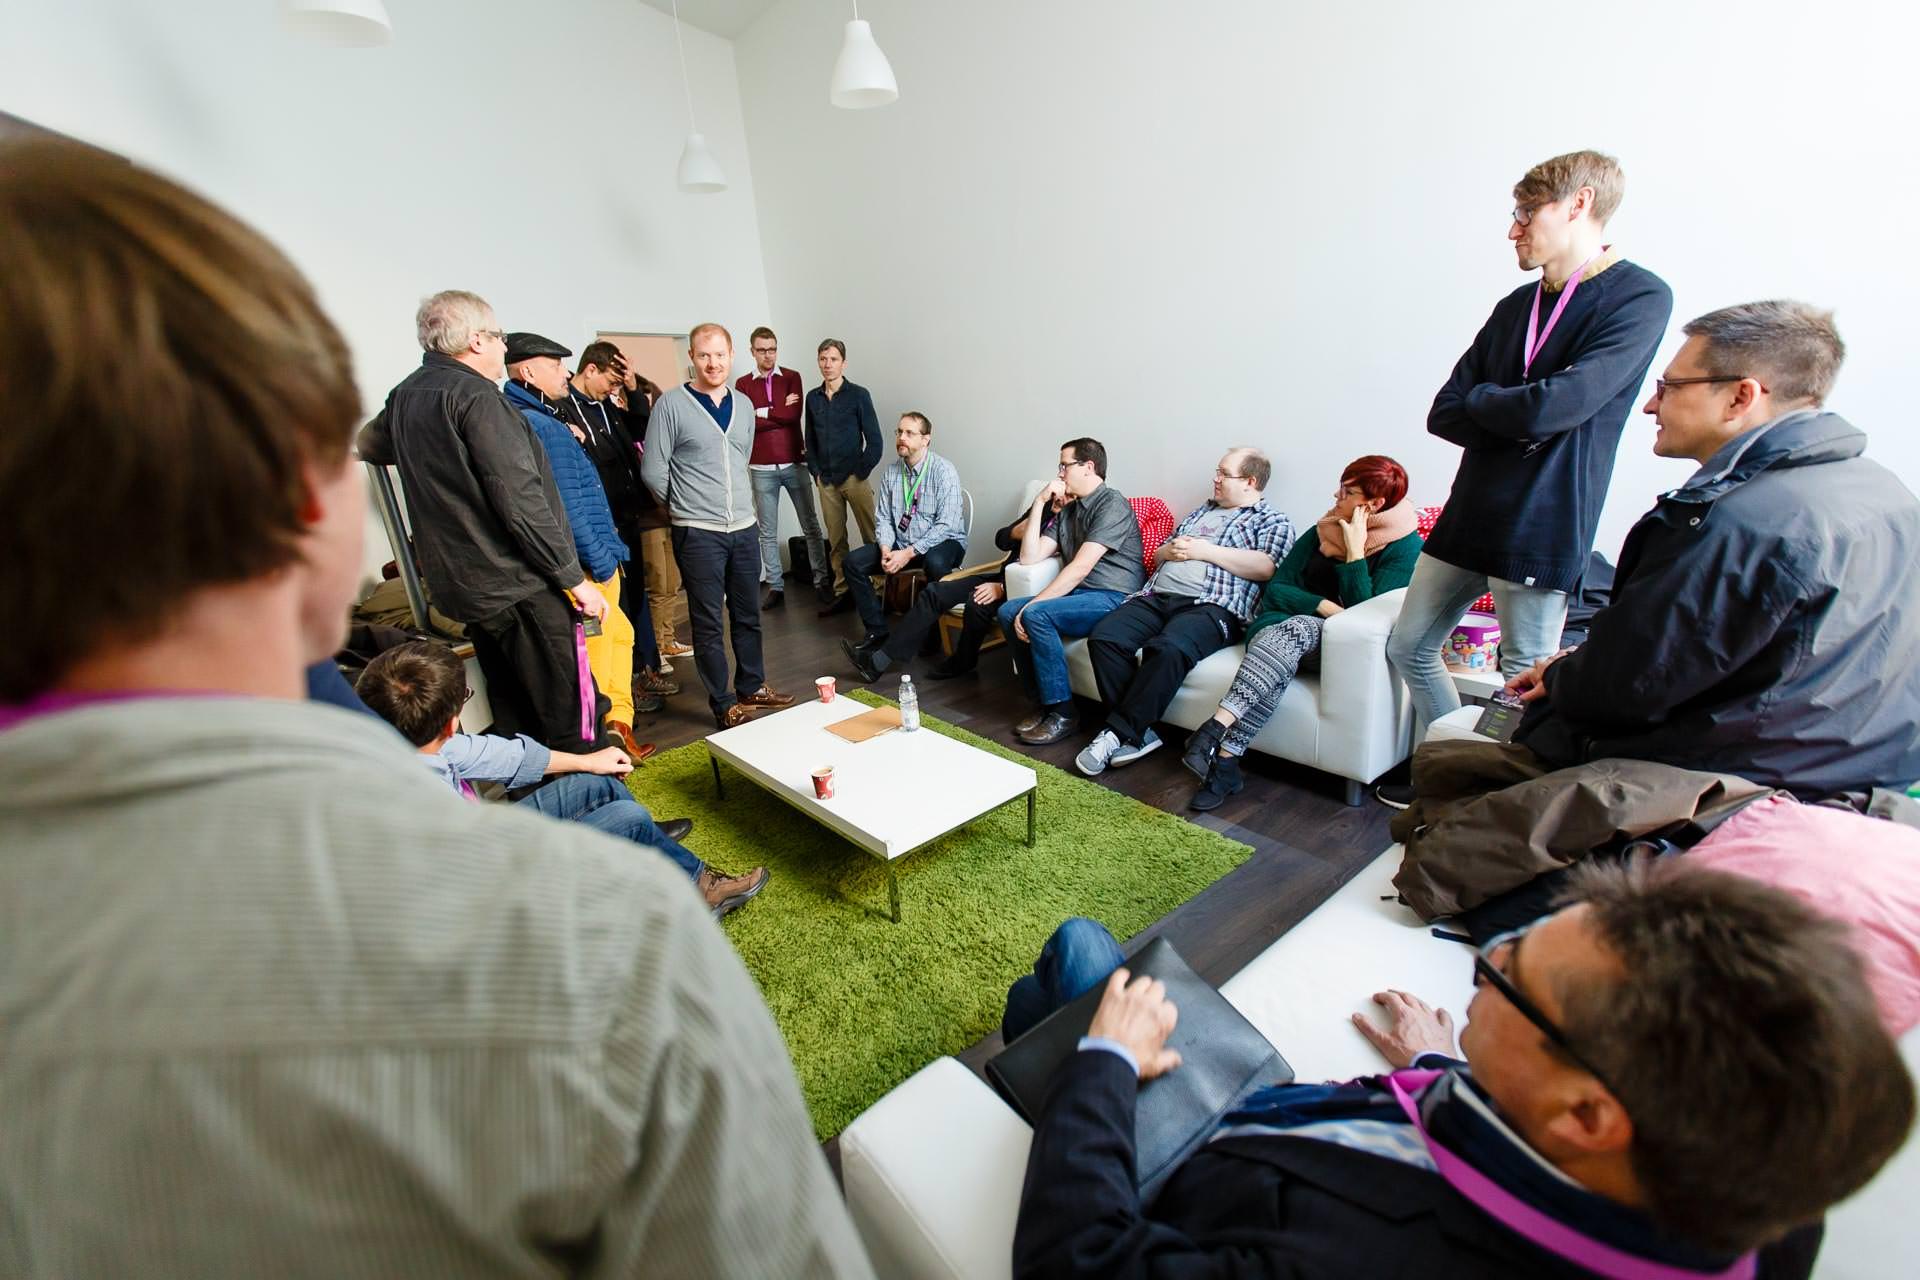 Eventfotos von der TechArts-2015 in Karlsruhe